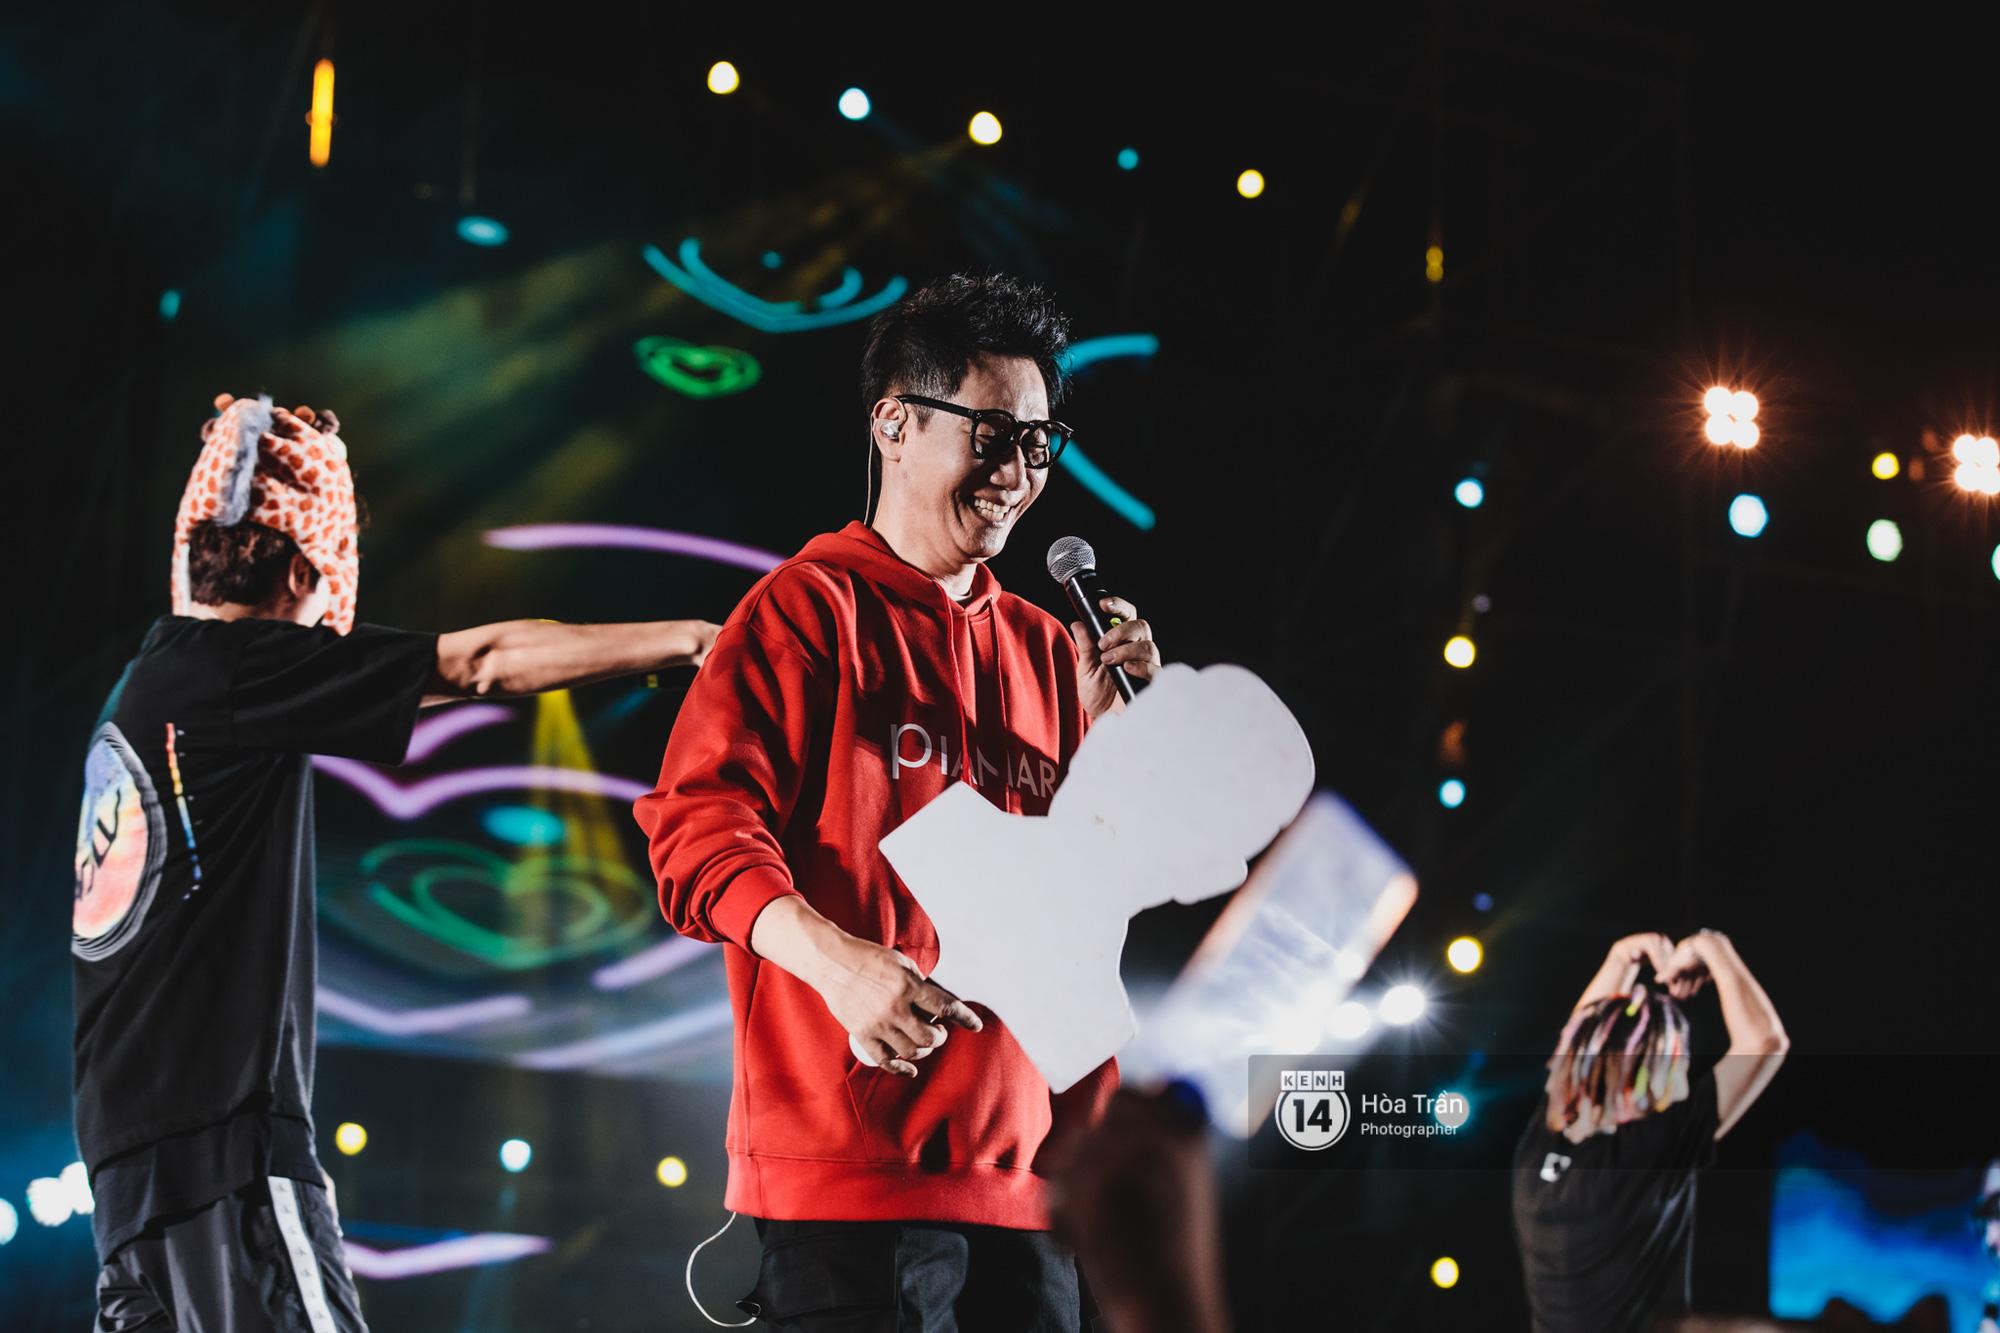 Fanmeeting Running Man tại Việt Nam: Chỉ có 8 thành viên nhưng với fan, họ mãi là 9012! - Ảnh 10.